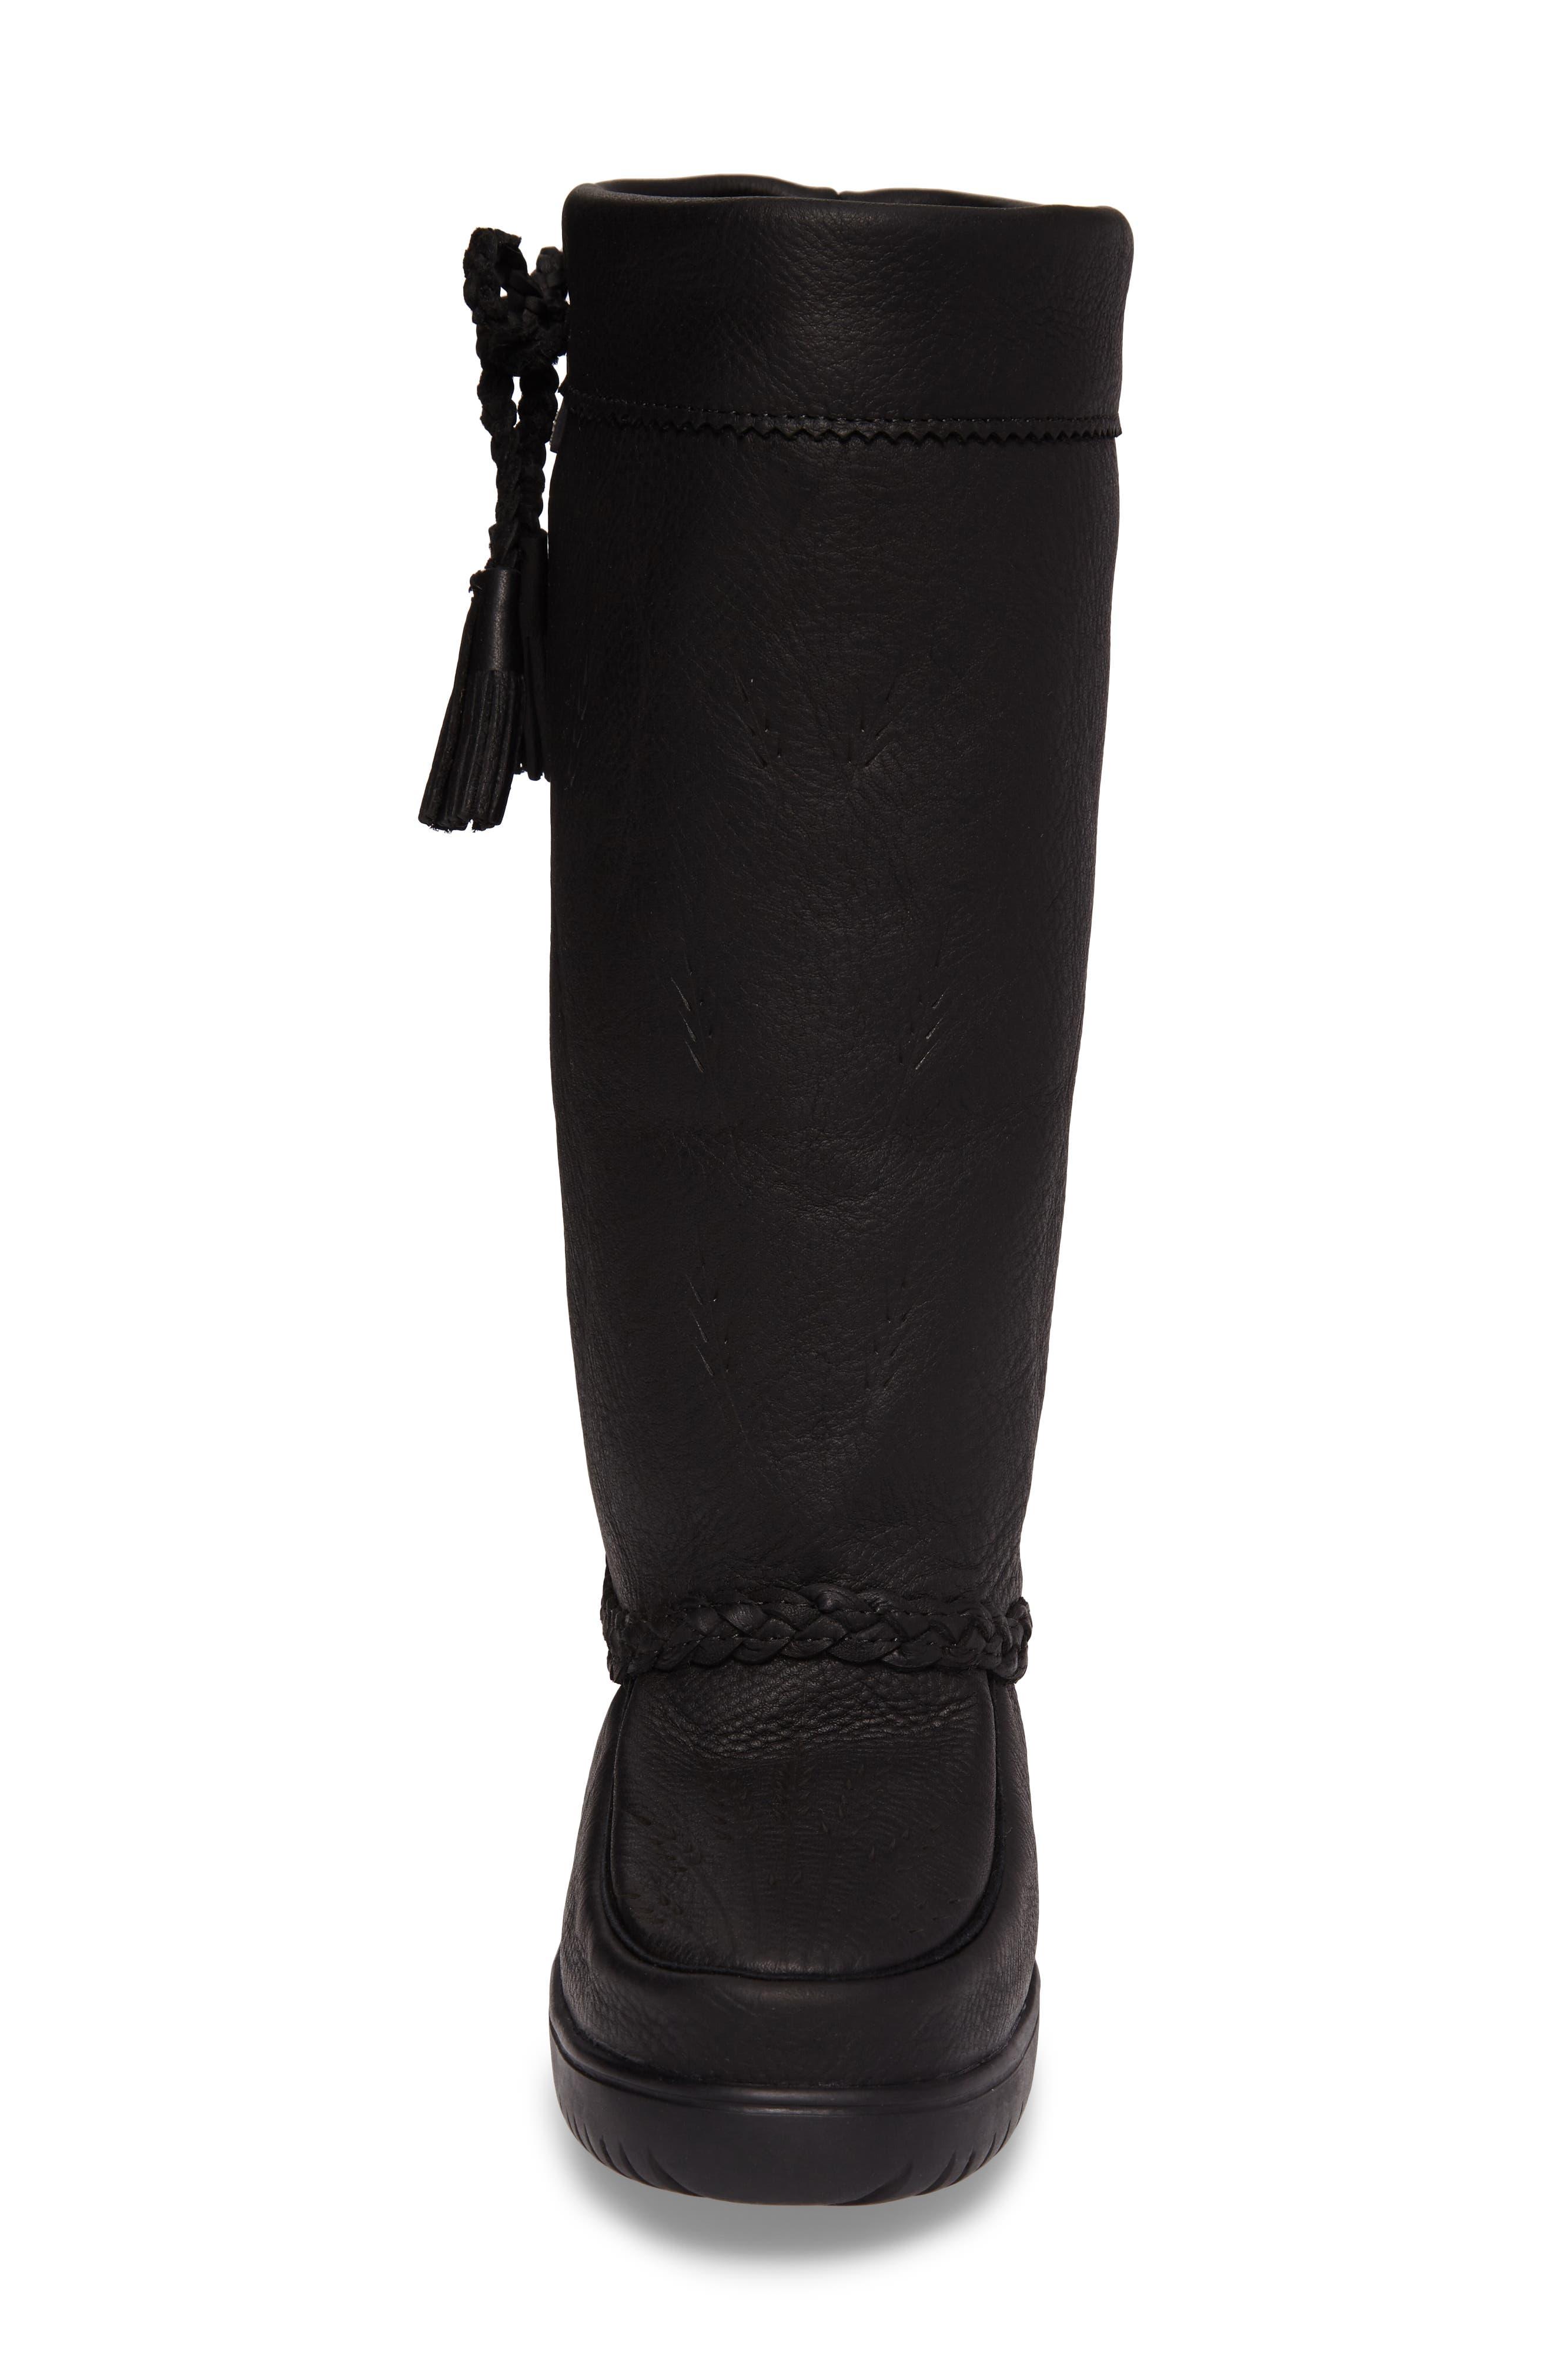 Alternate Image 4  - Manitobah Mukluks Tamarack Waterproof Genuine Shearling Boot (Women) (Wide Calf)